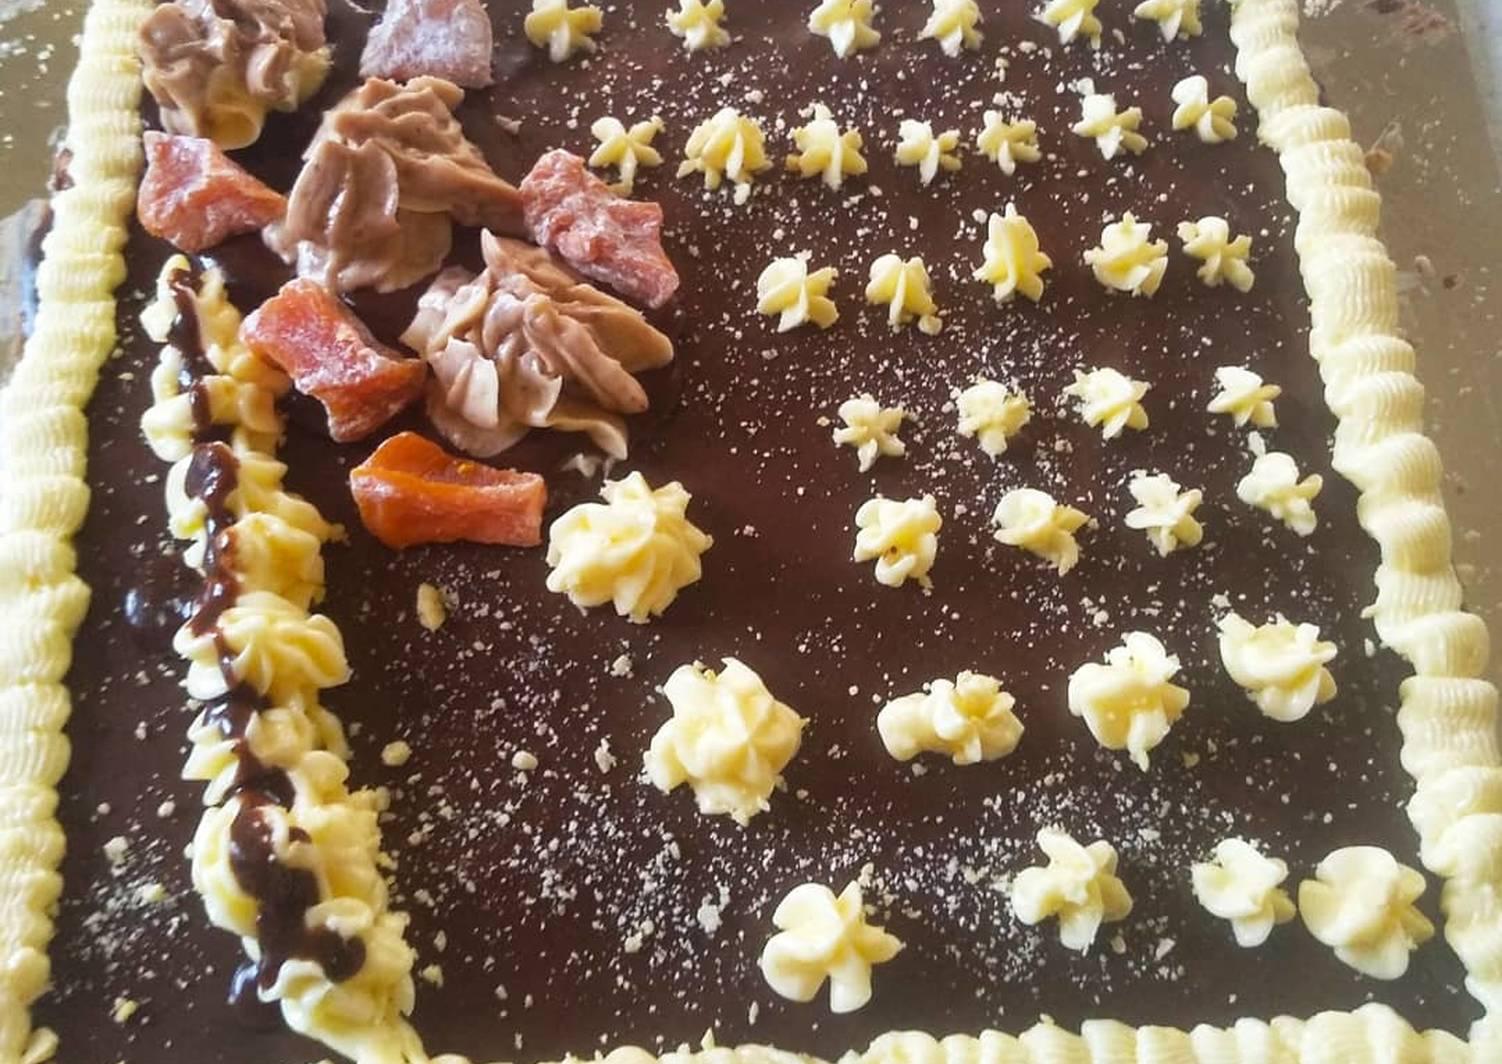 сами торт ленинградский пошаговый рецепт с фото воображении, что